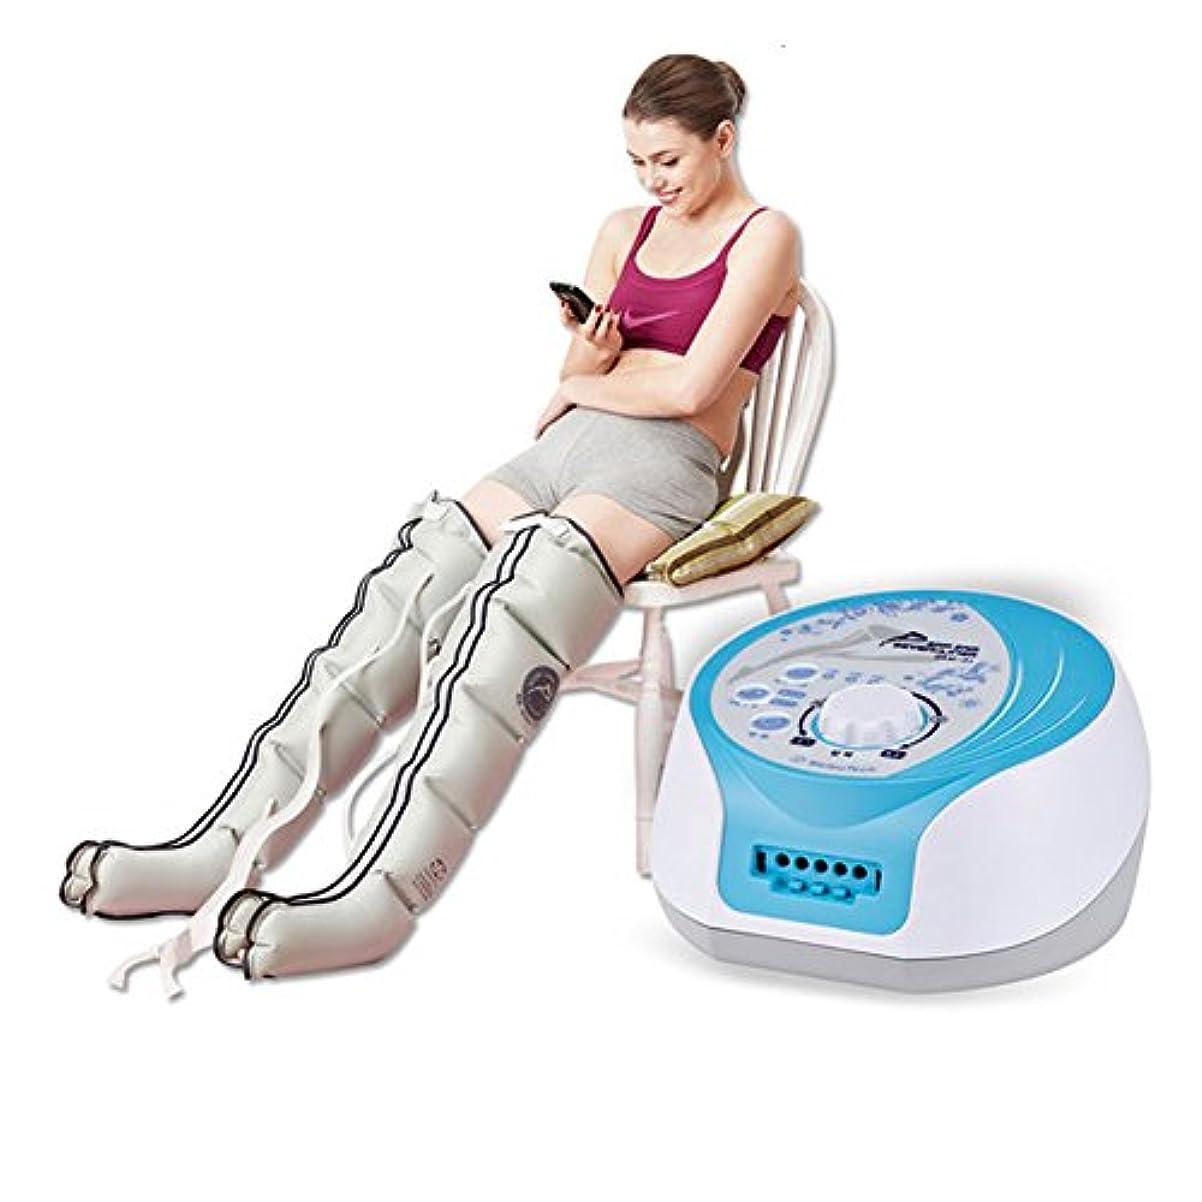 持参地味な図書館Seven Liner Zam Zam 01 Electronic Air Pressure Leg Massager 電子脚マッサージャー 空気圧マッサージ器 [海外並行輸入品]